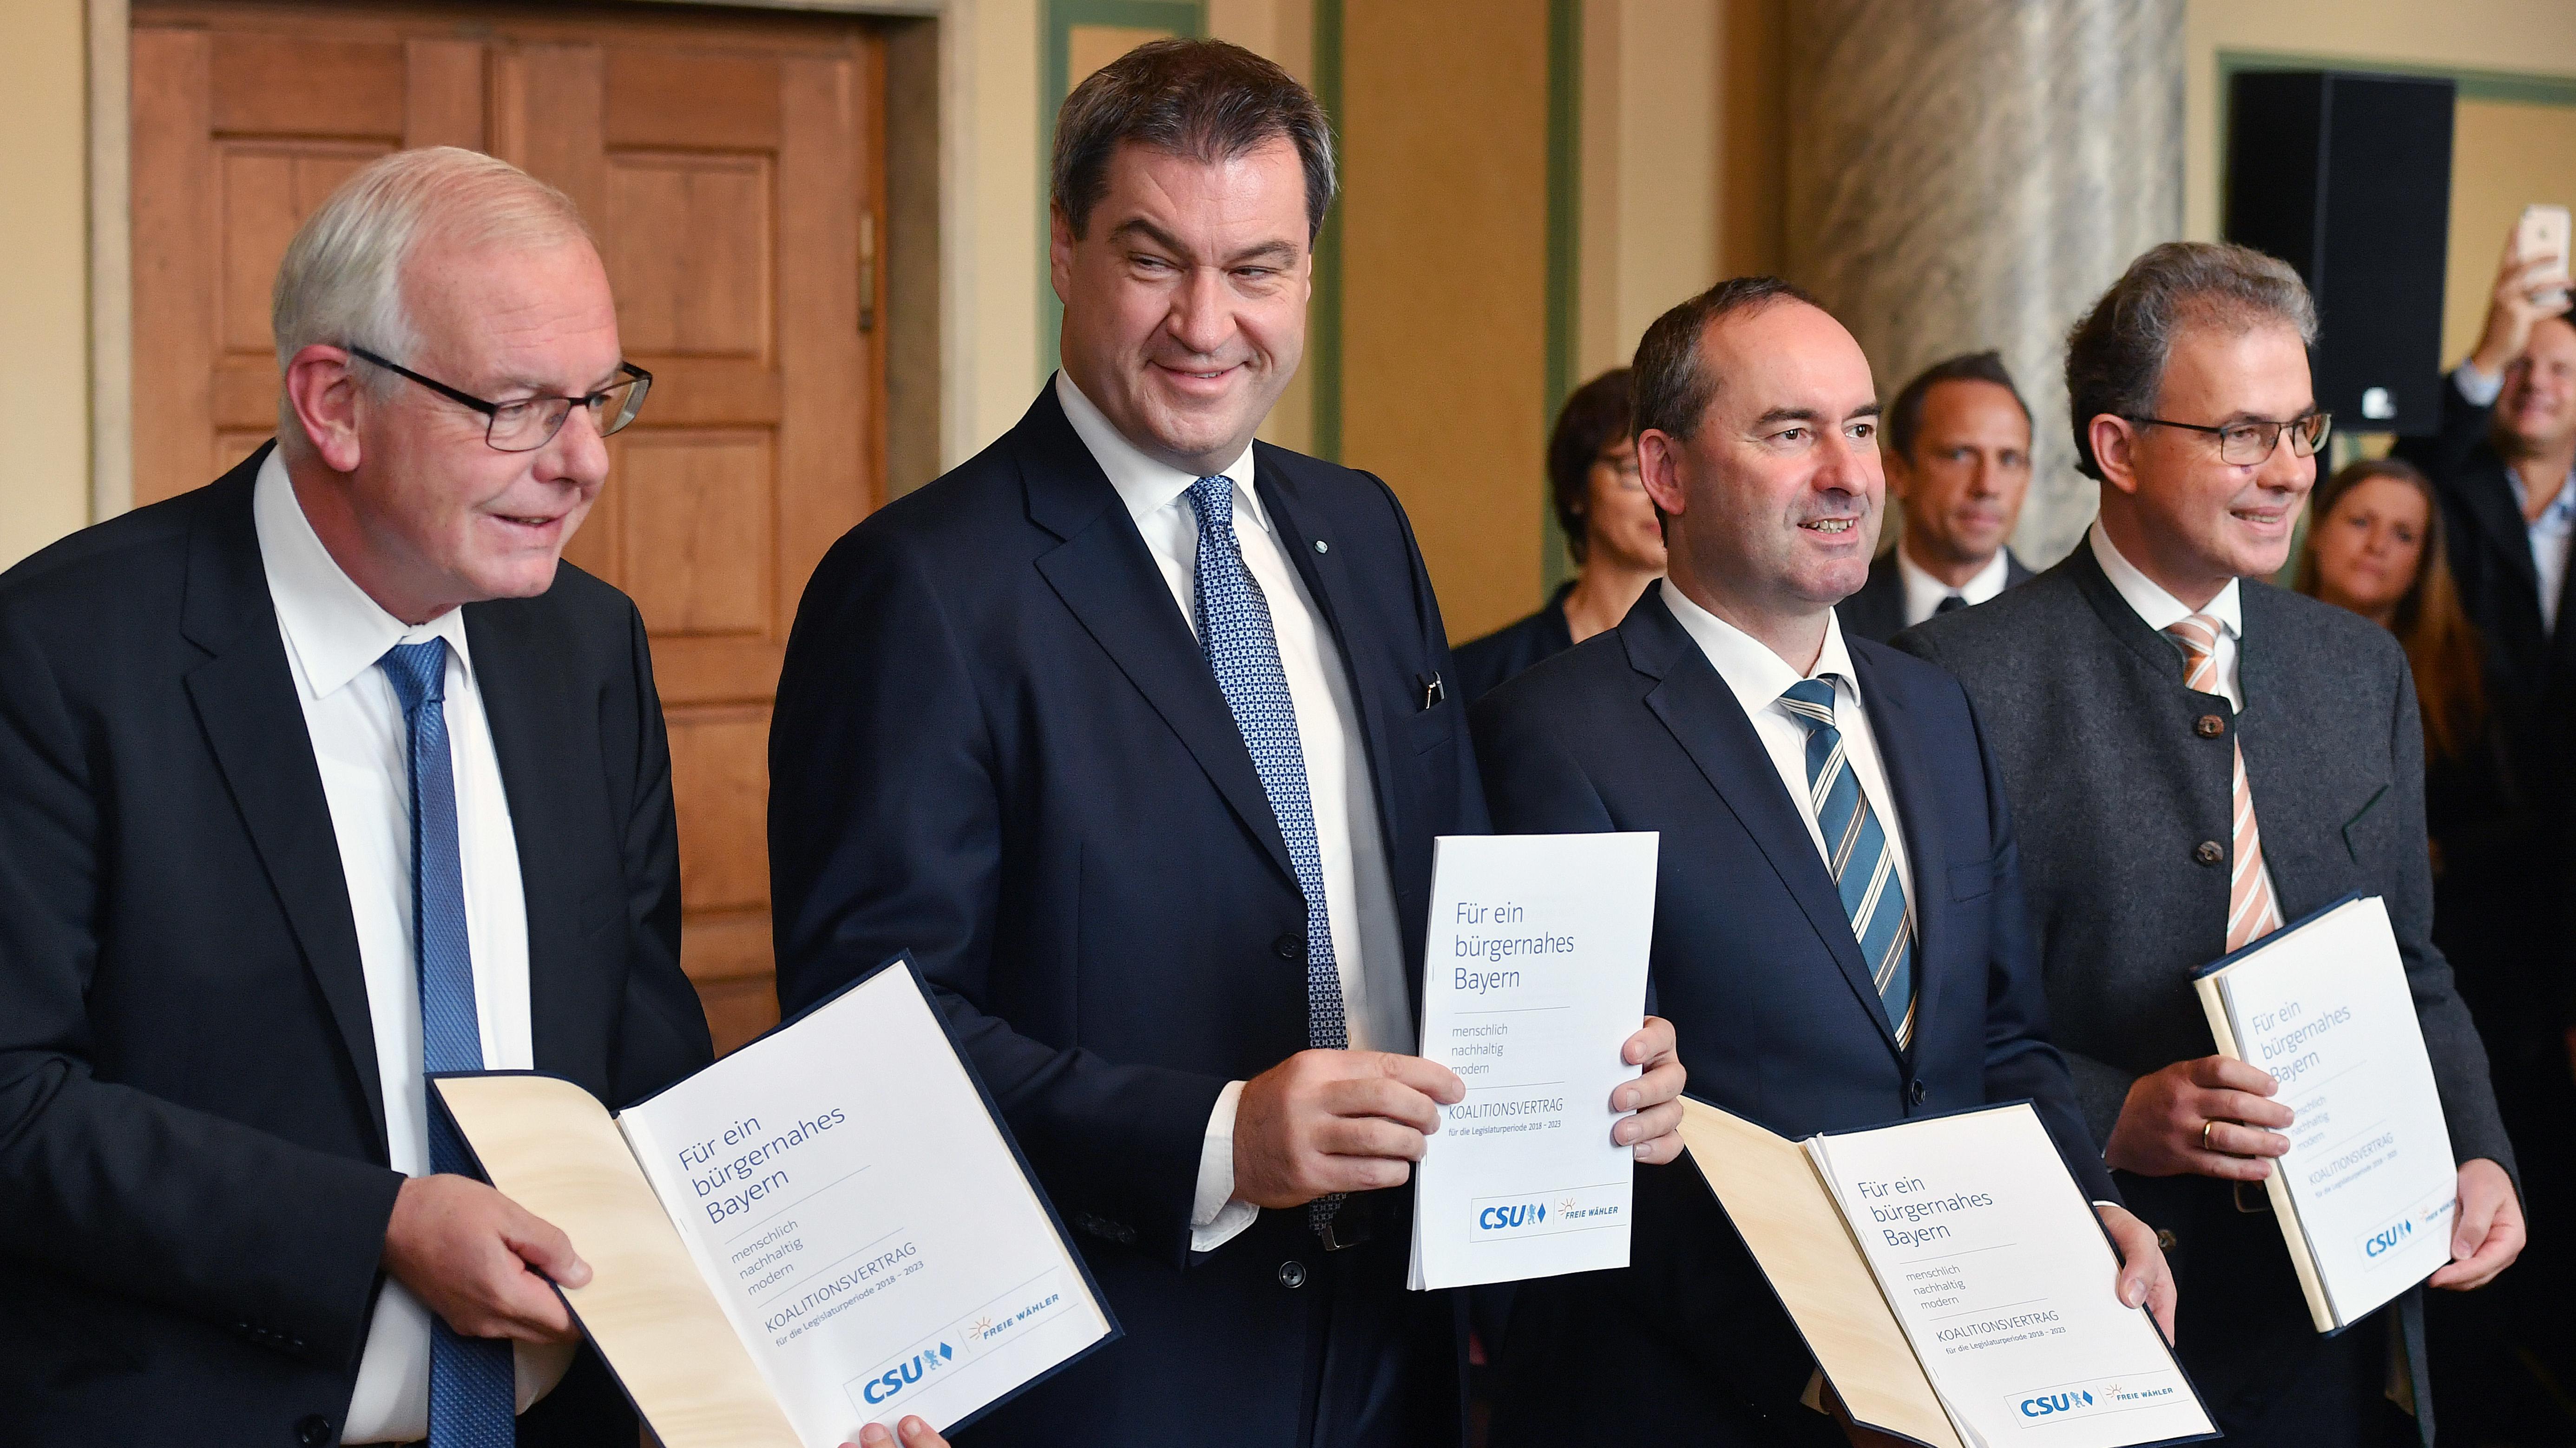 Die Spitzen von CSU und Freien Wählern bei der Unterzeichnung des Koalitionsvertrags